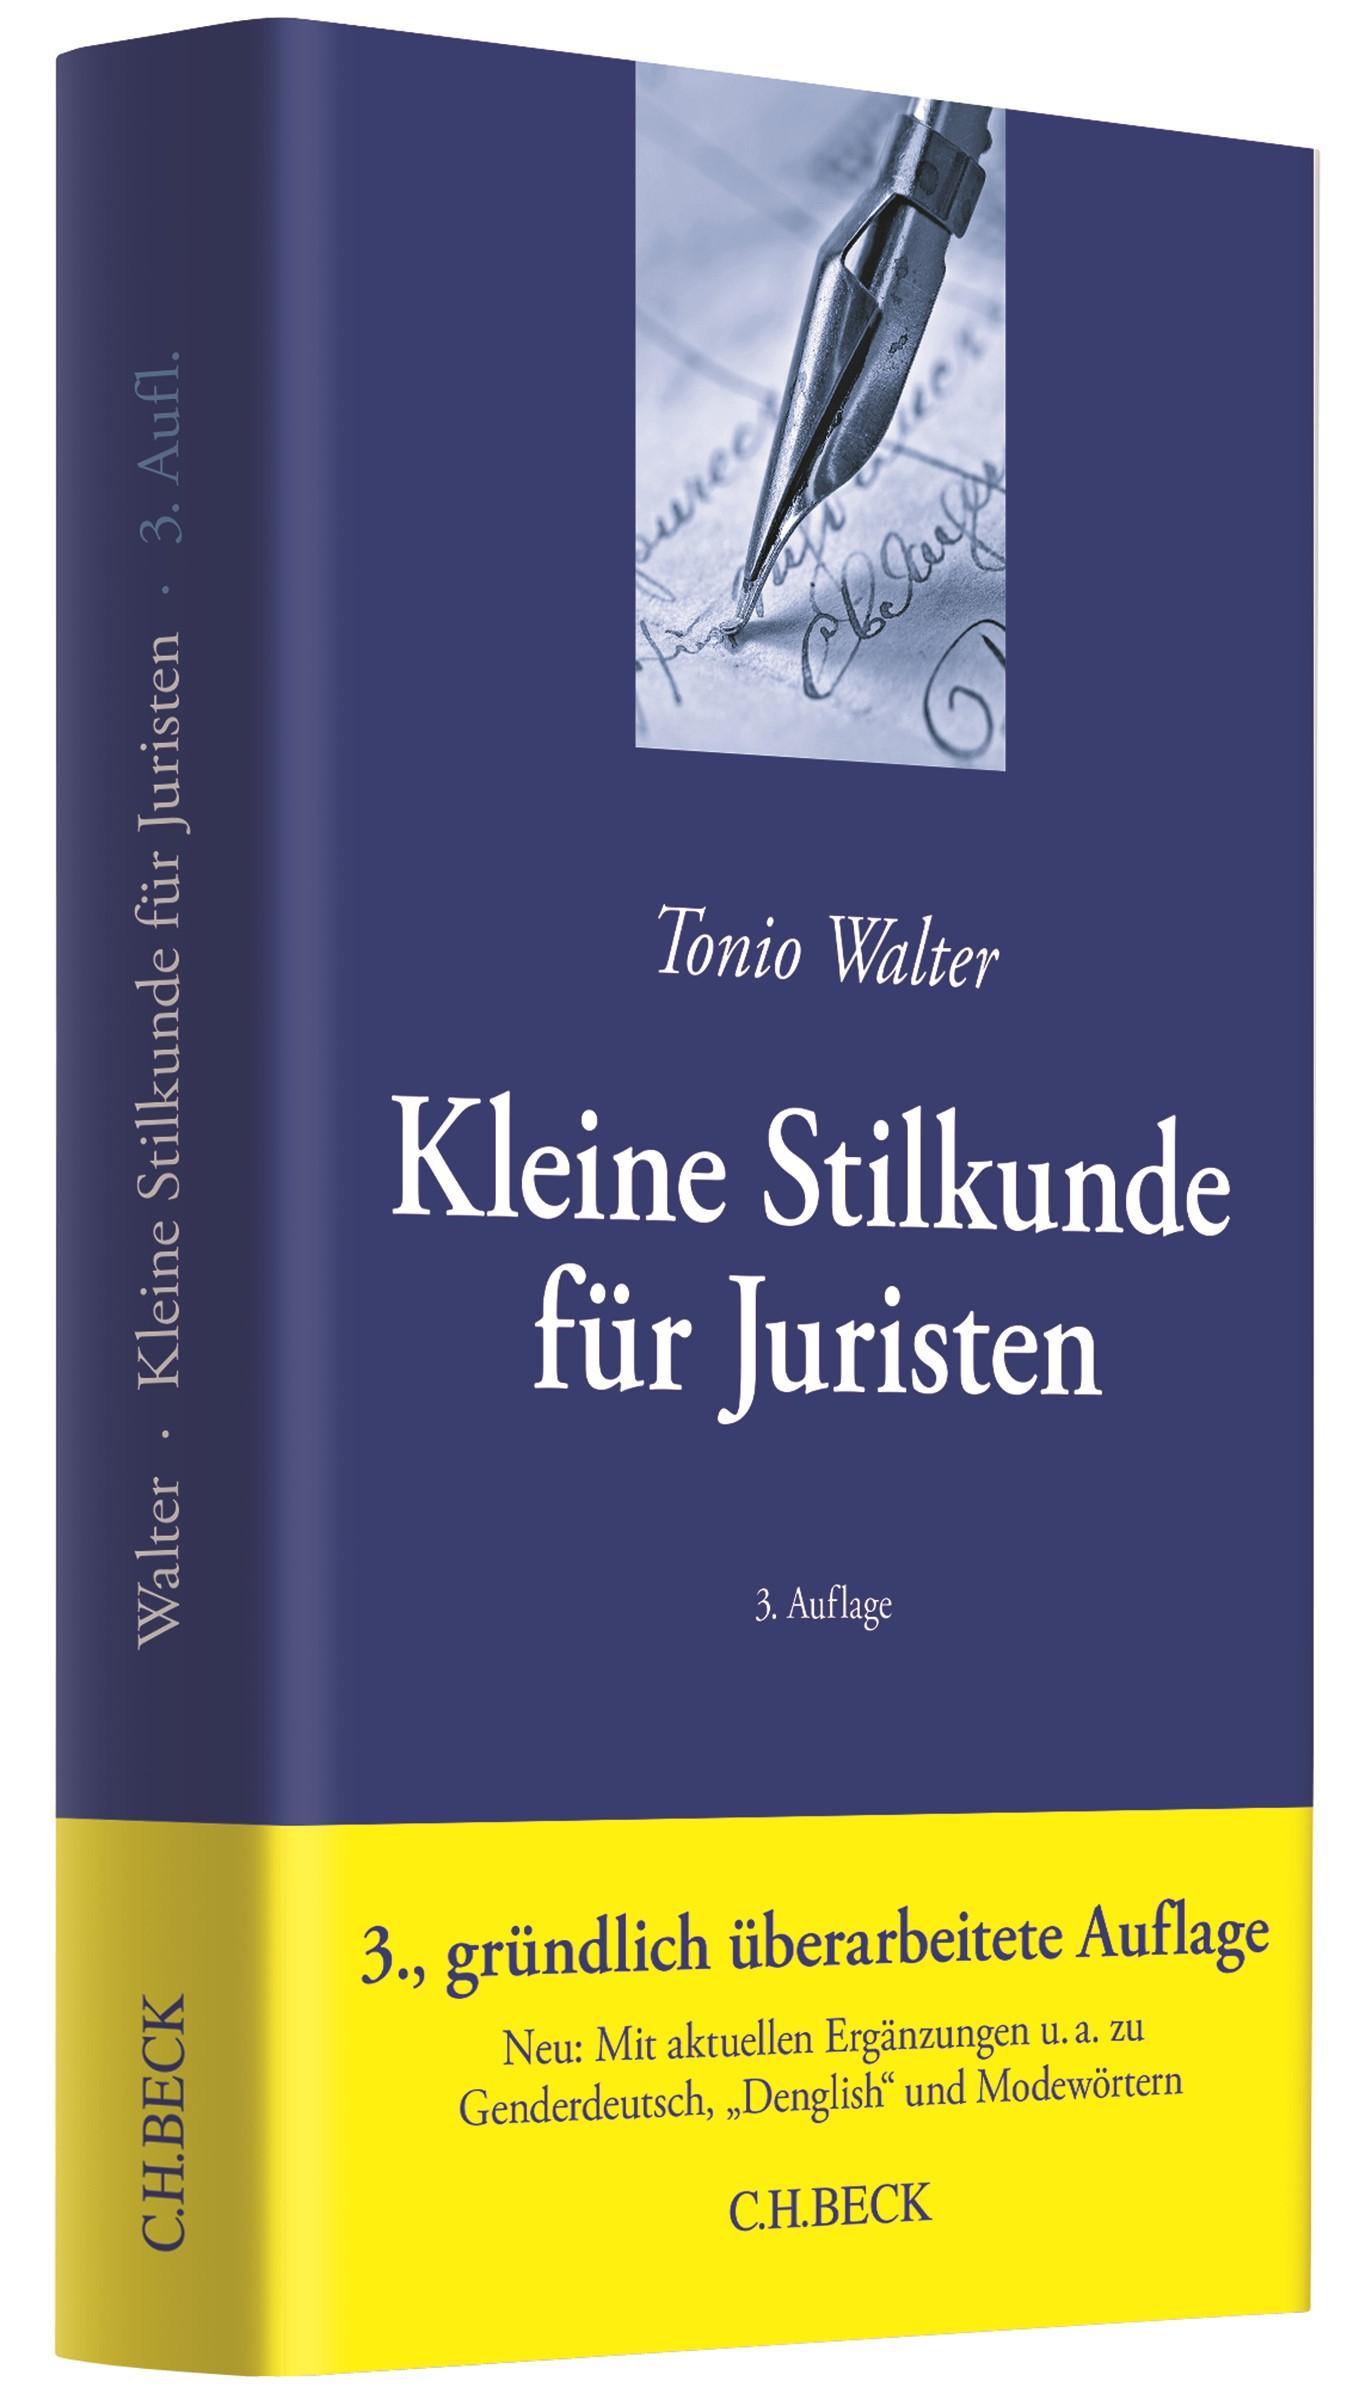 Kleine Stilkunde für Juristen | Walter | 3., gründlich überarbeitete Auflage, 2017 | Buch (Cover)